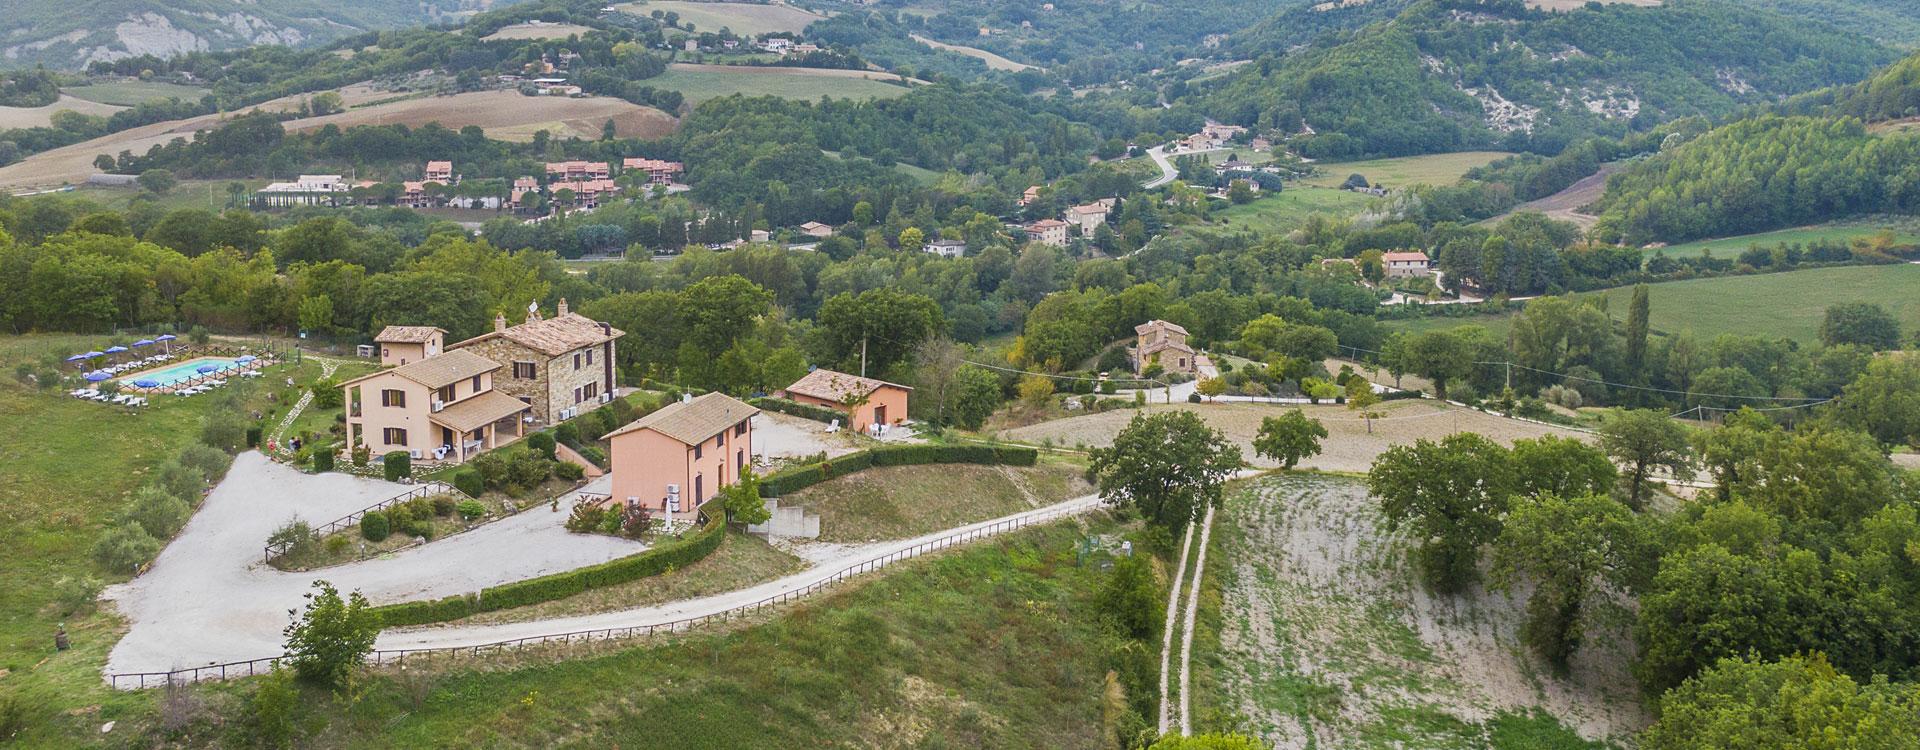 Agriturismo Assisi 'Relais Parco del Subasio' - All'interno del parco naturale del Monte Subasio